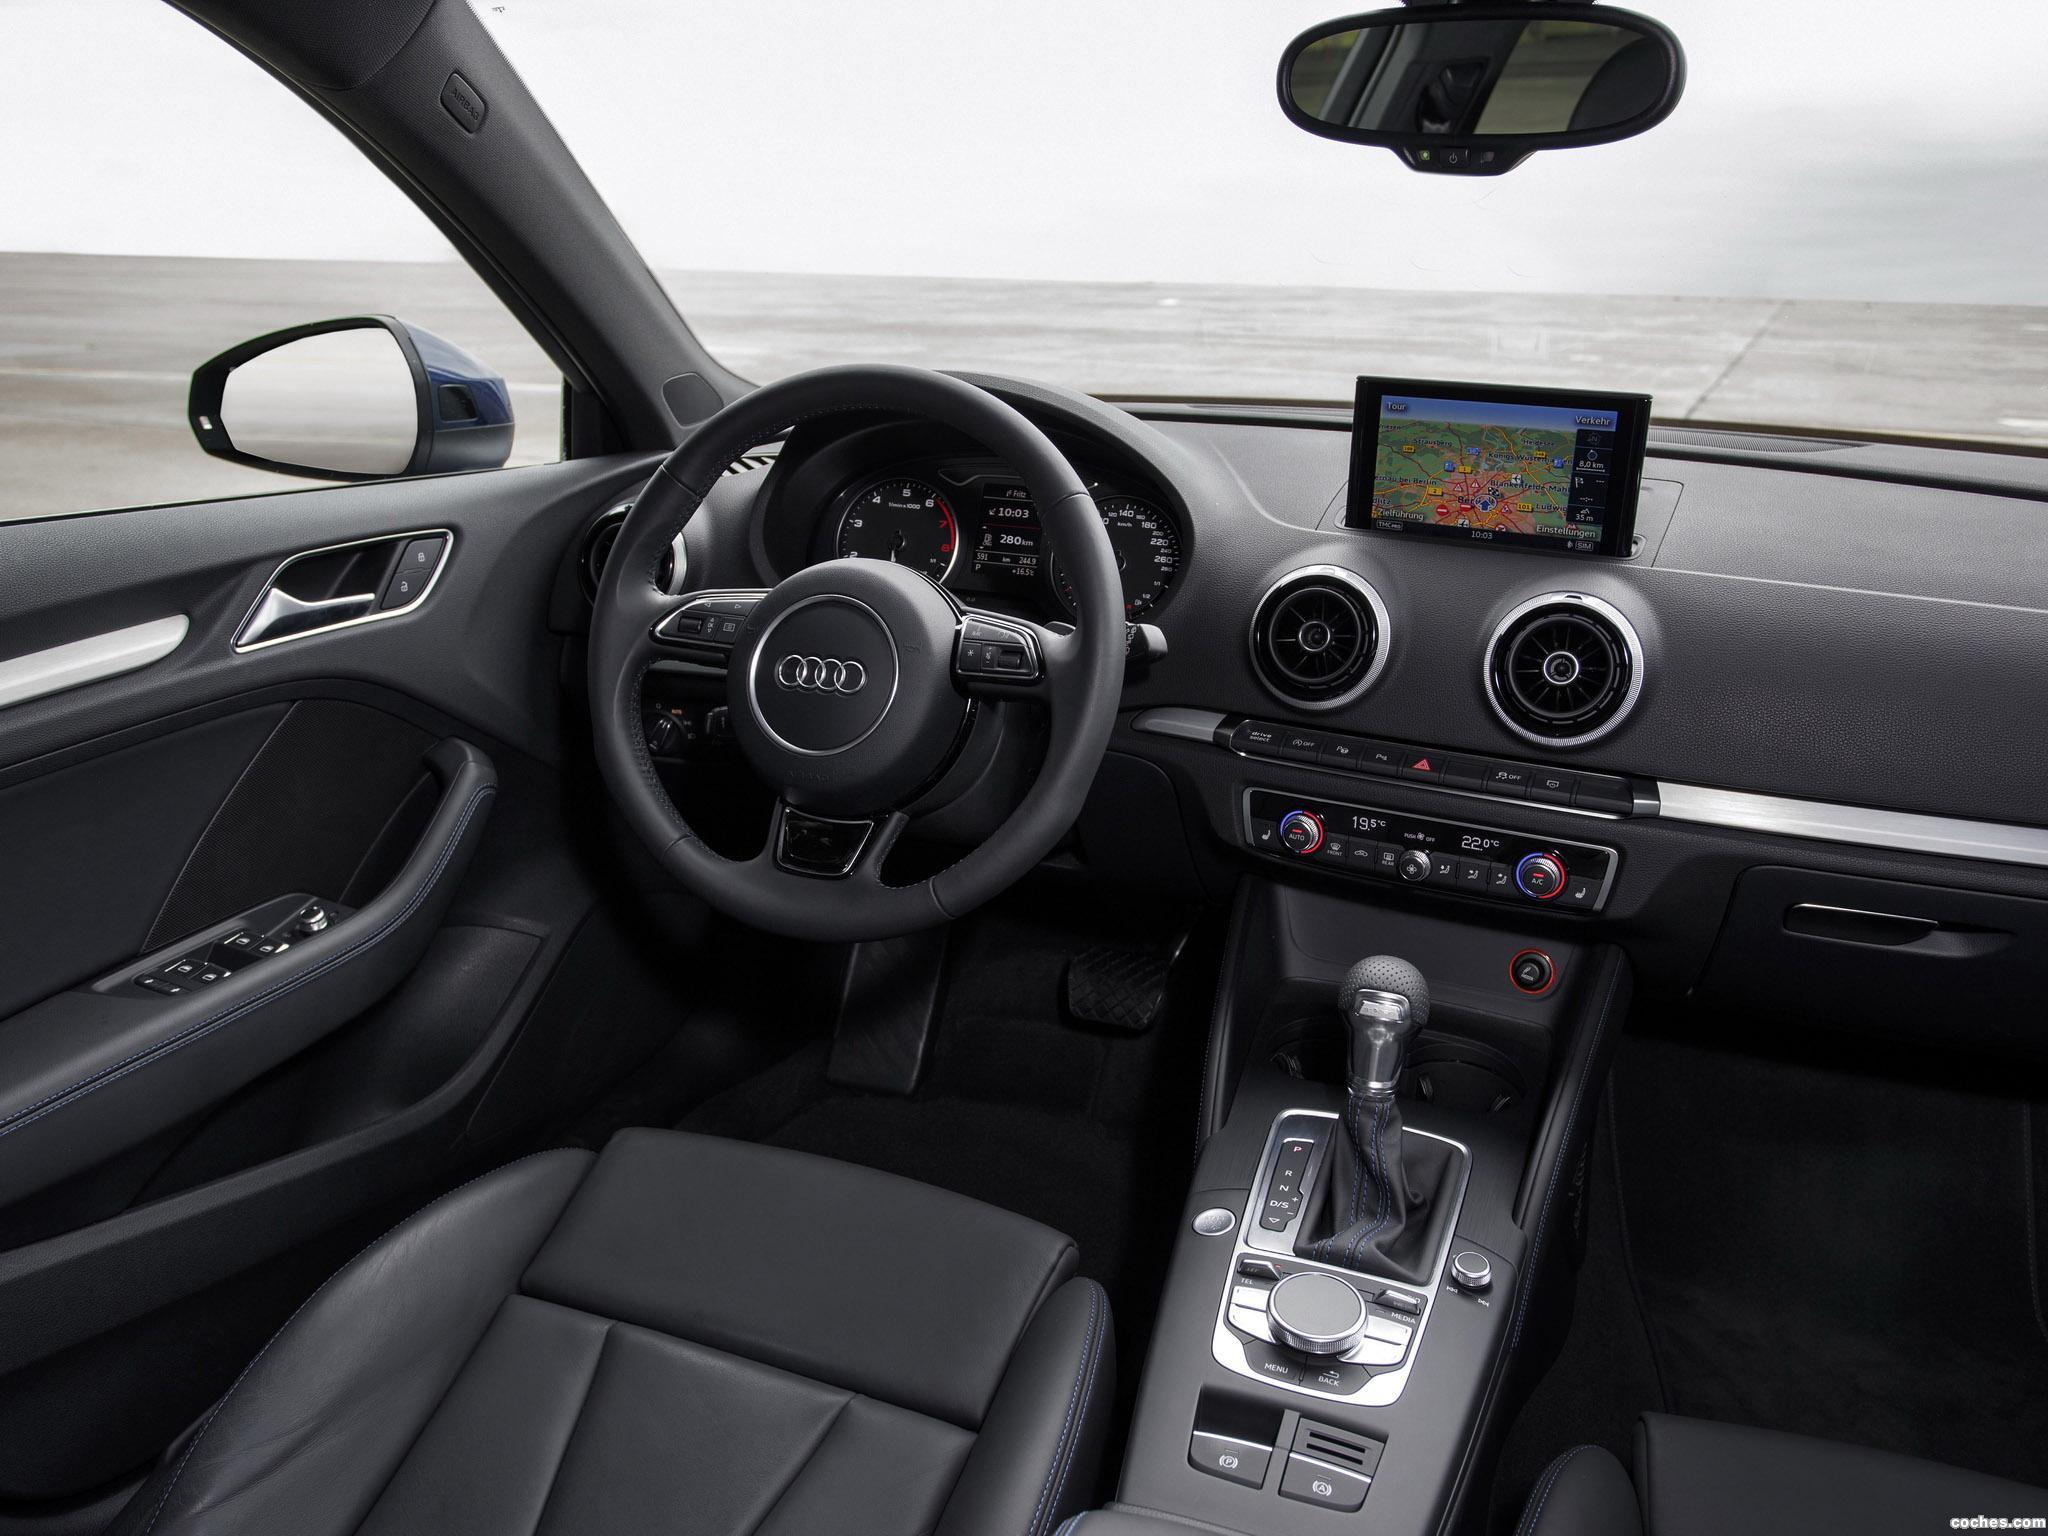 Foto 8 de Audi A3 g-Tron 2013